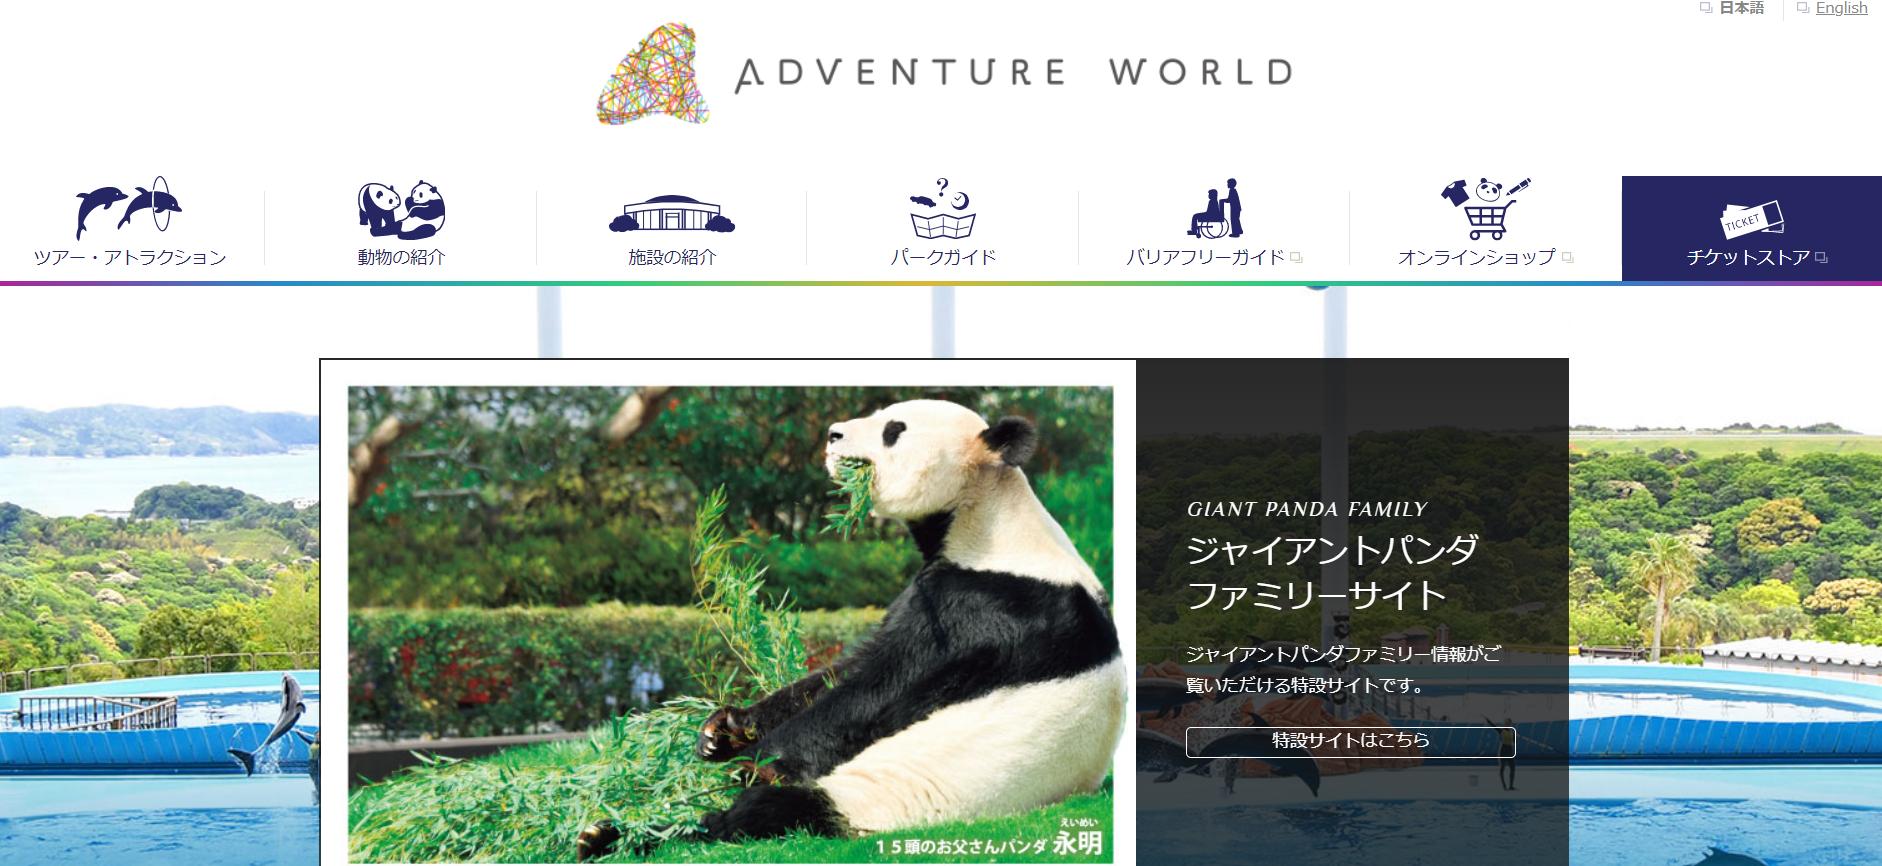 【大阪近郊】2021年の年末年始に遊ぶならどこ?営業している施設まとめ